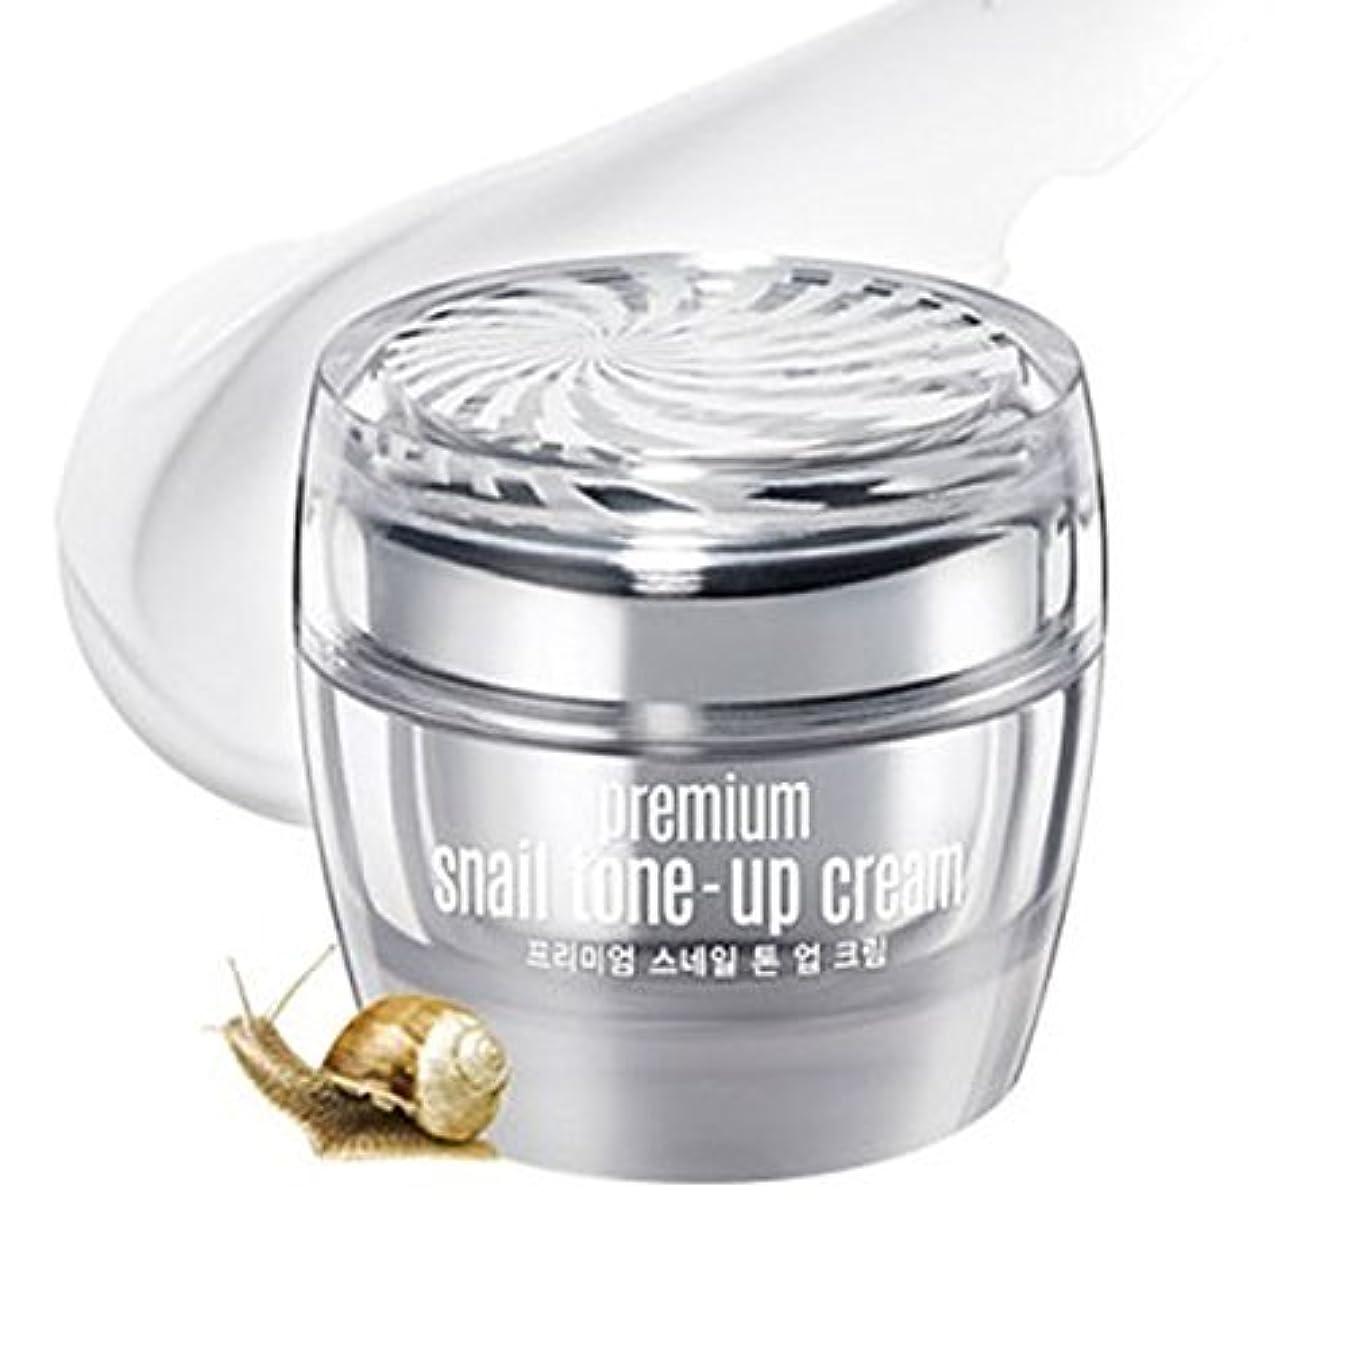 知り合い許容できるビルダーグーダル プレミアム スネイル トーンアップ クリーム CLIO Goodal Premium Snail Tone Up Whitening Cream 50ml(1.69oz)/Korea Cosmetic [並行輸入品]